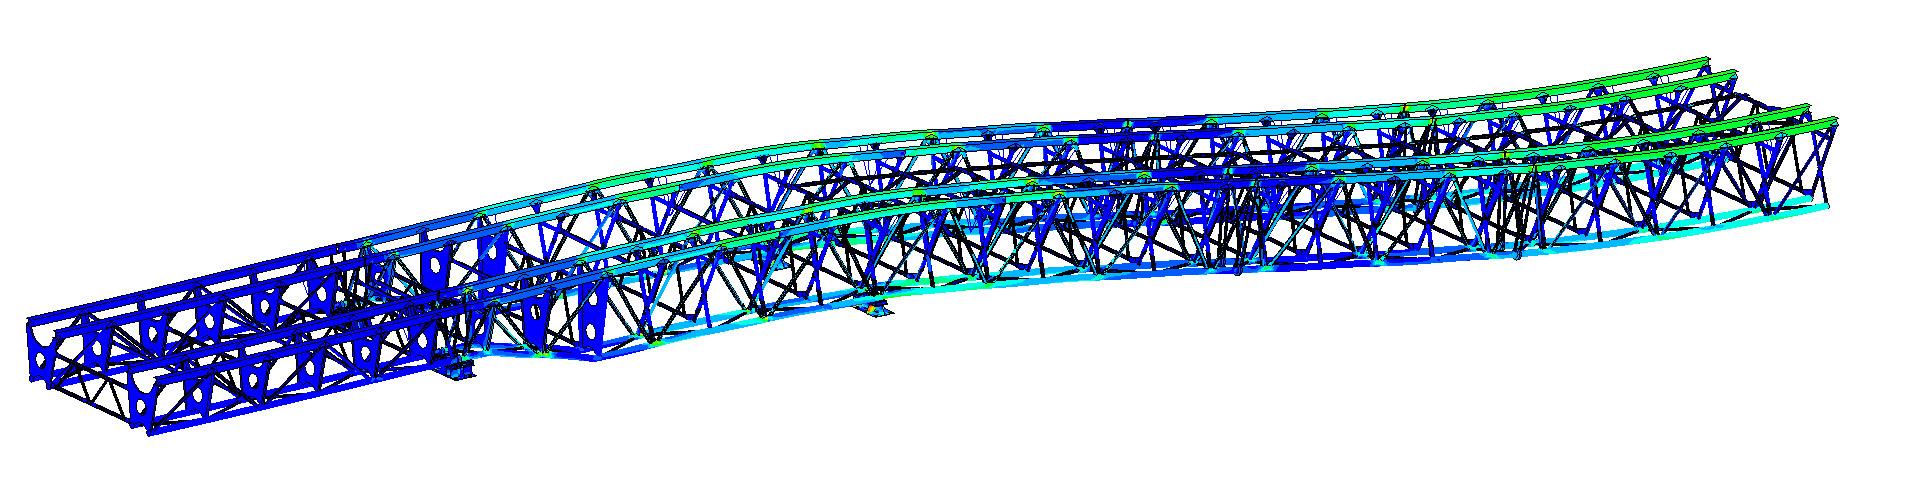 Cable Car Brücke FE